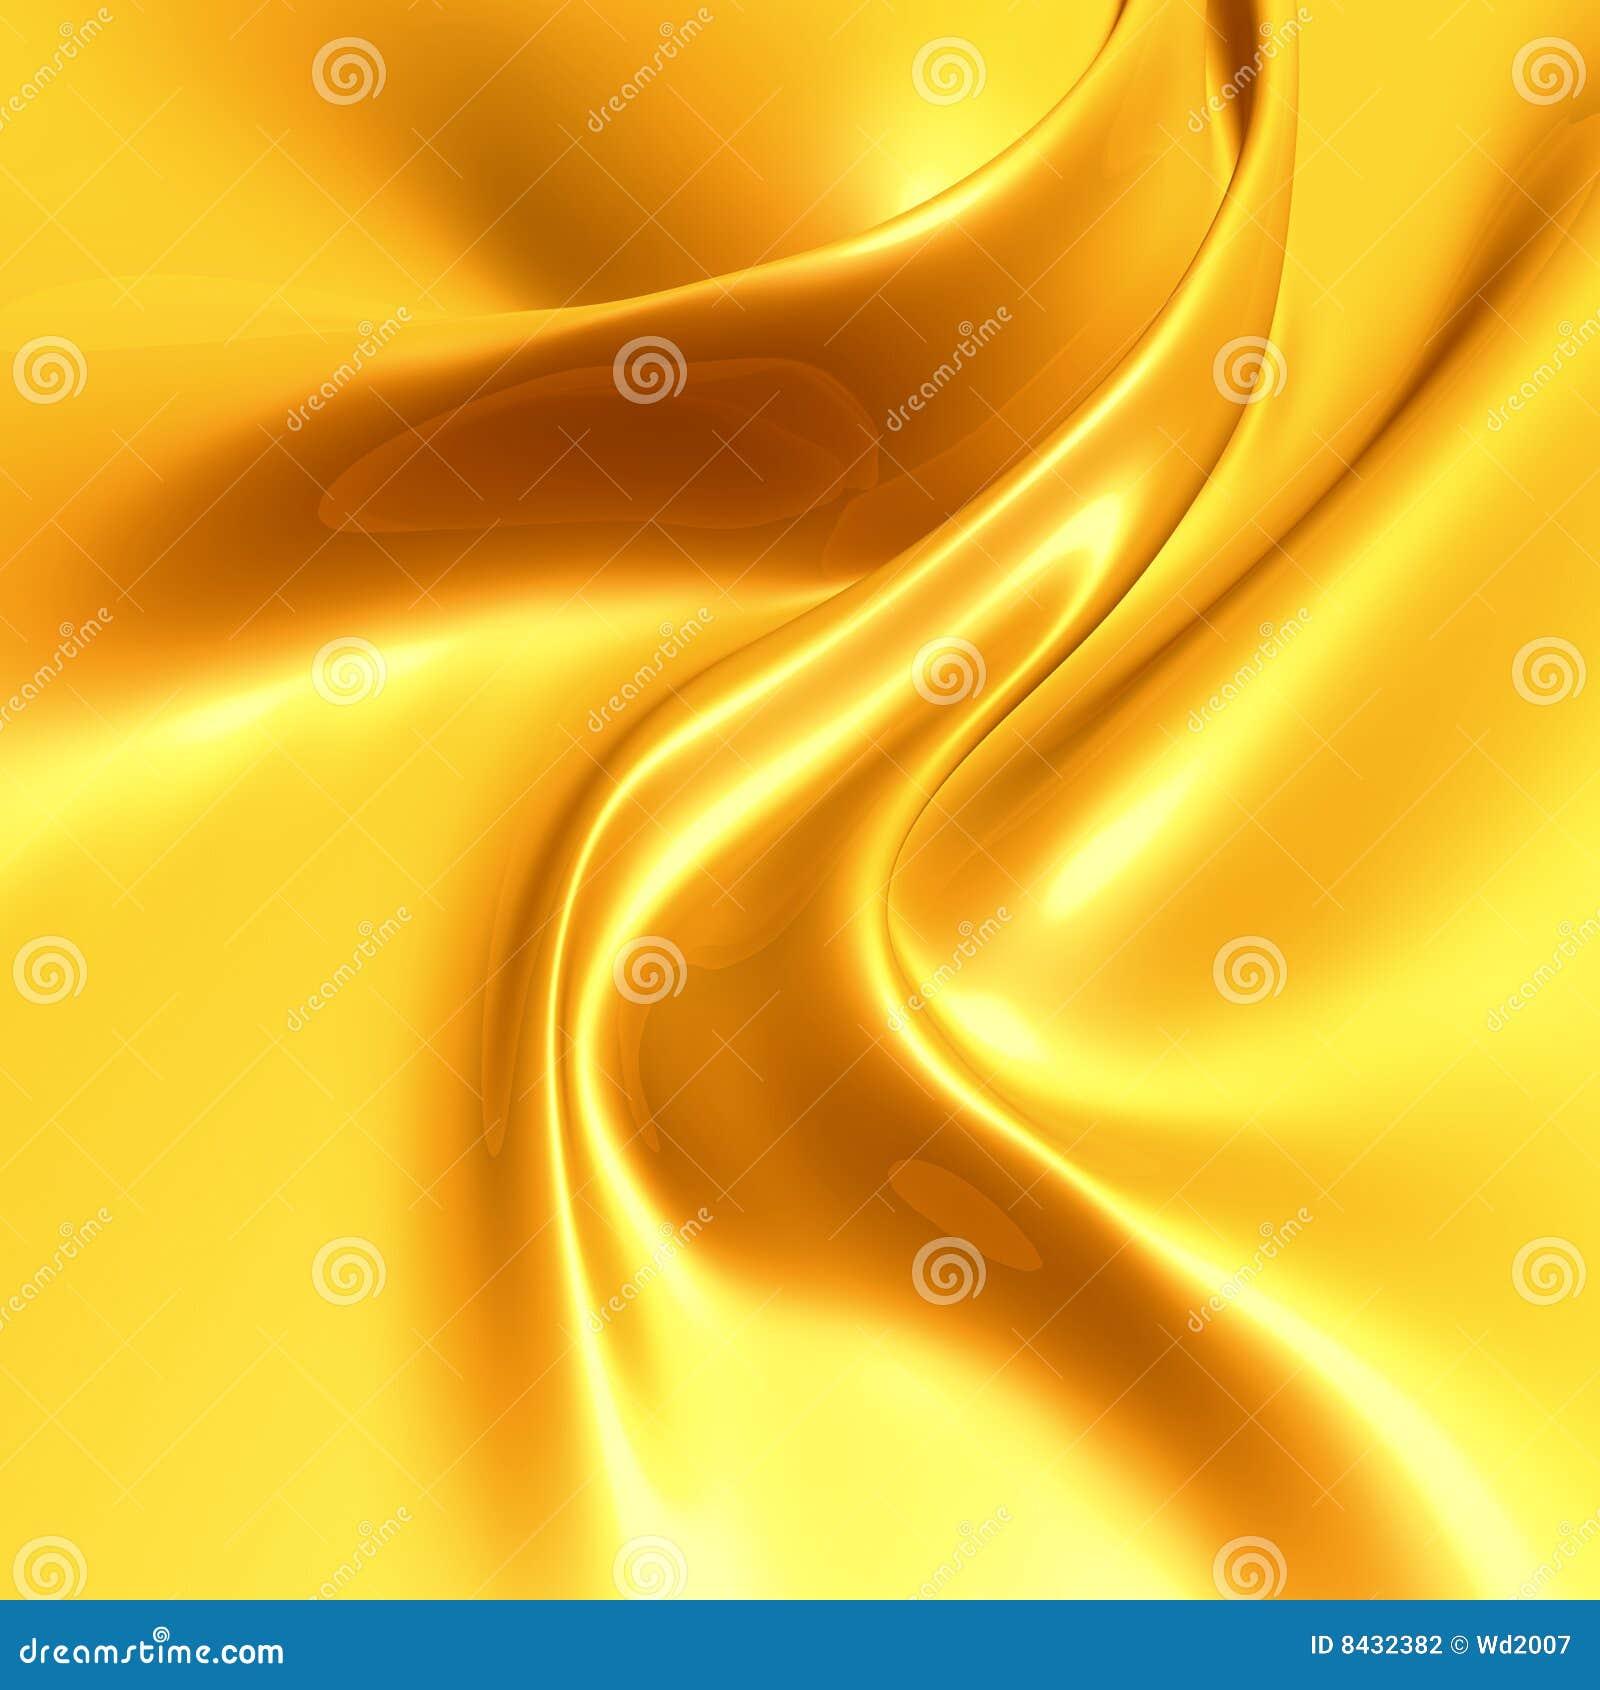 Elegancki atłasowy jedwabniczy kolor żółty